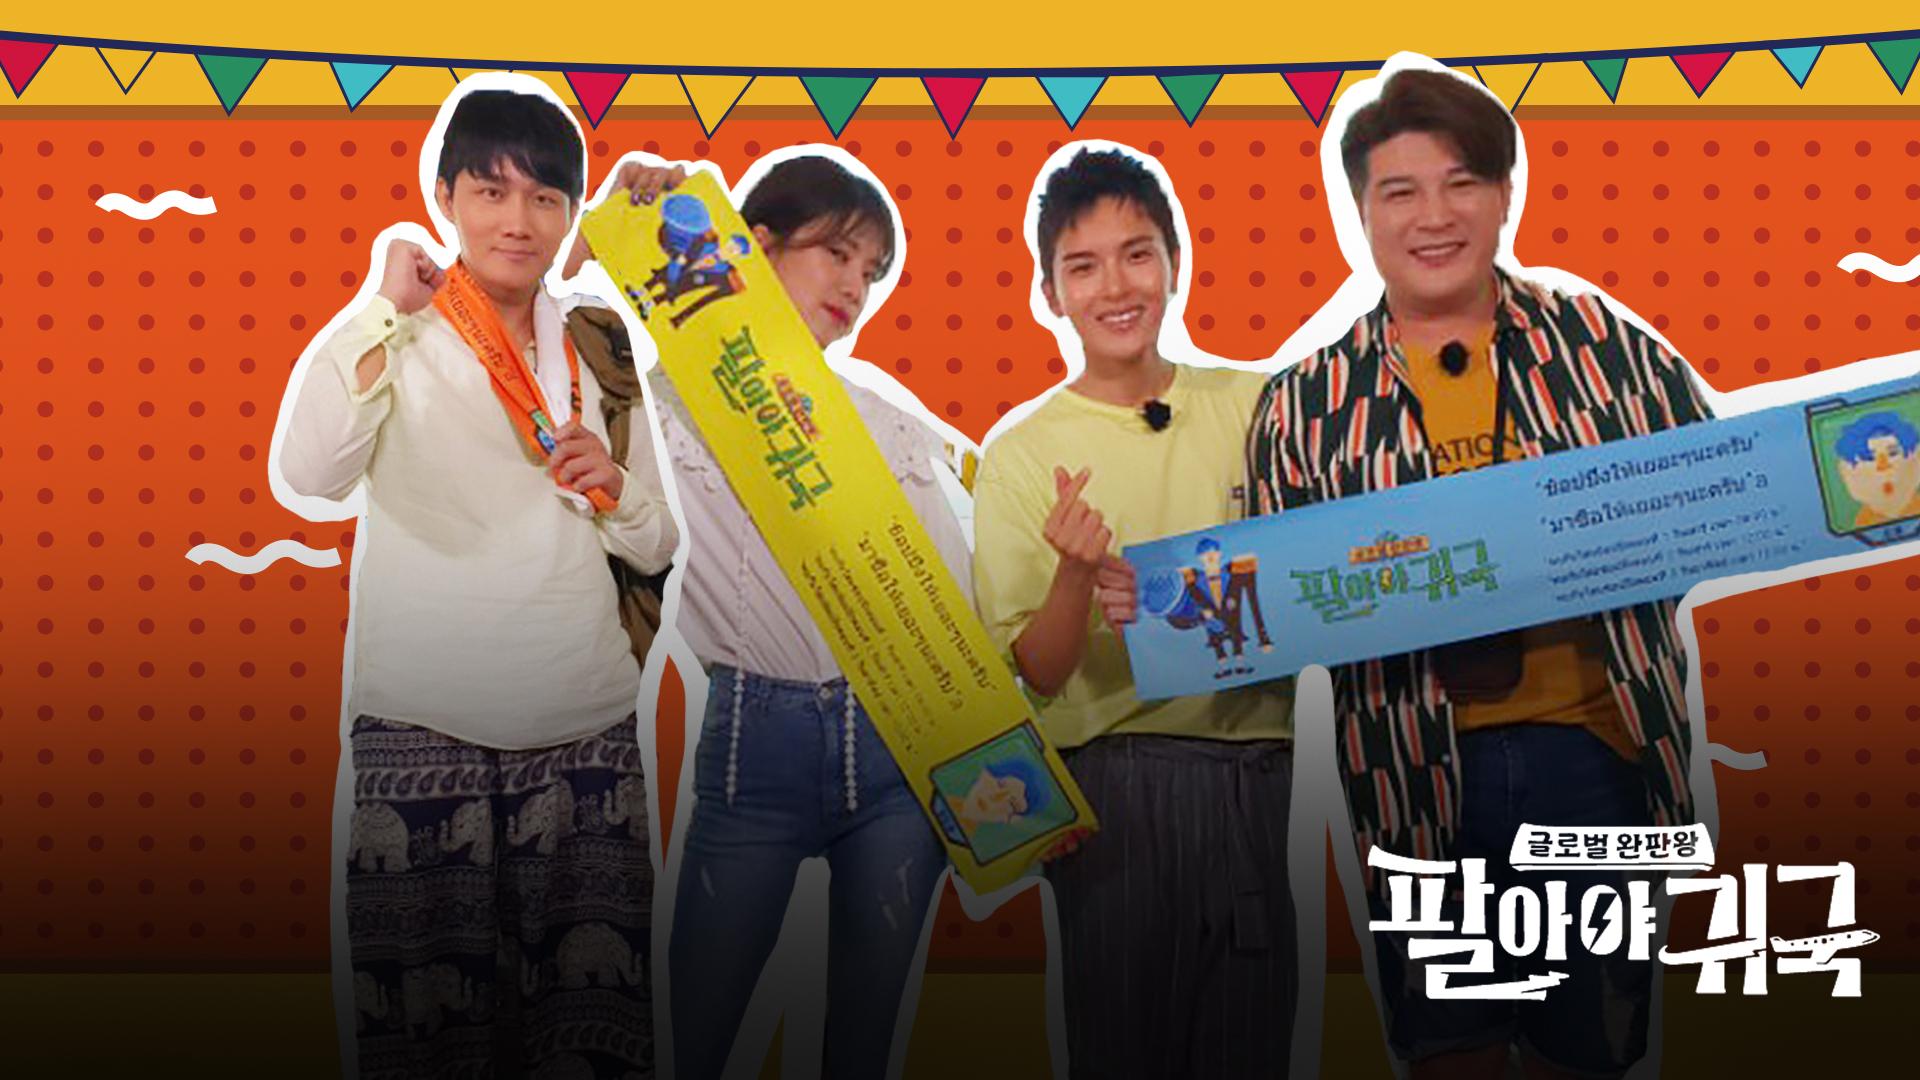 [앵콜 V LIVE] 팔아야귀국 | Super Junior 이특, 려욱, 신동, 장도연, 이용진 | SALES KING | TEAM 태국 Thailand